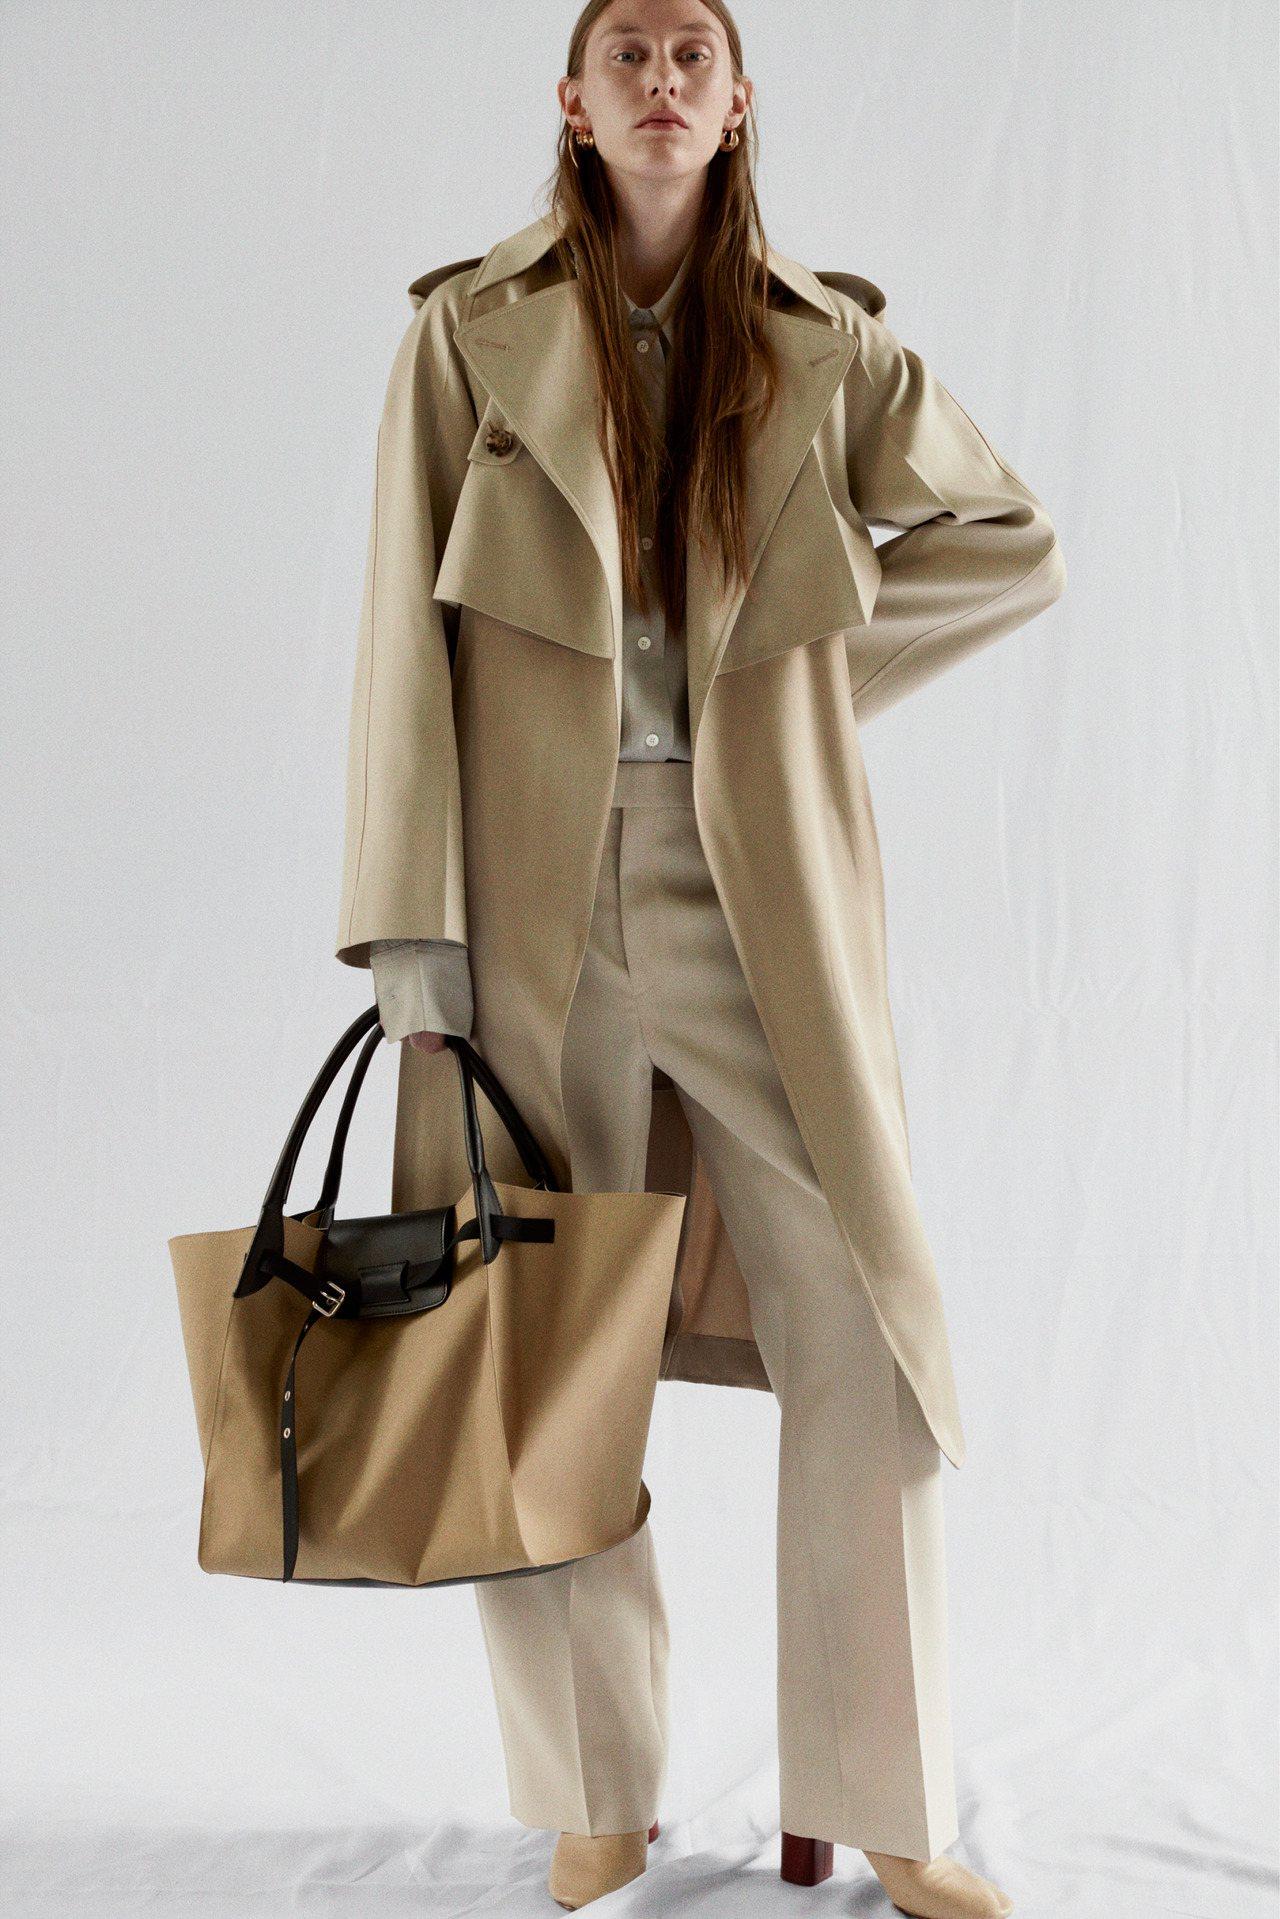 CÉLINE 2018早春乳棕色經典款風衣,售價12萬5,000元。圖/CÉLI...